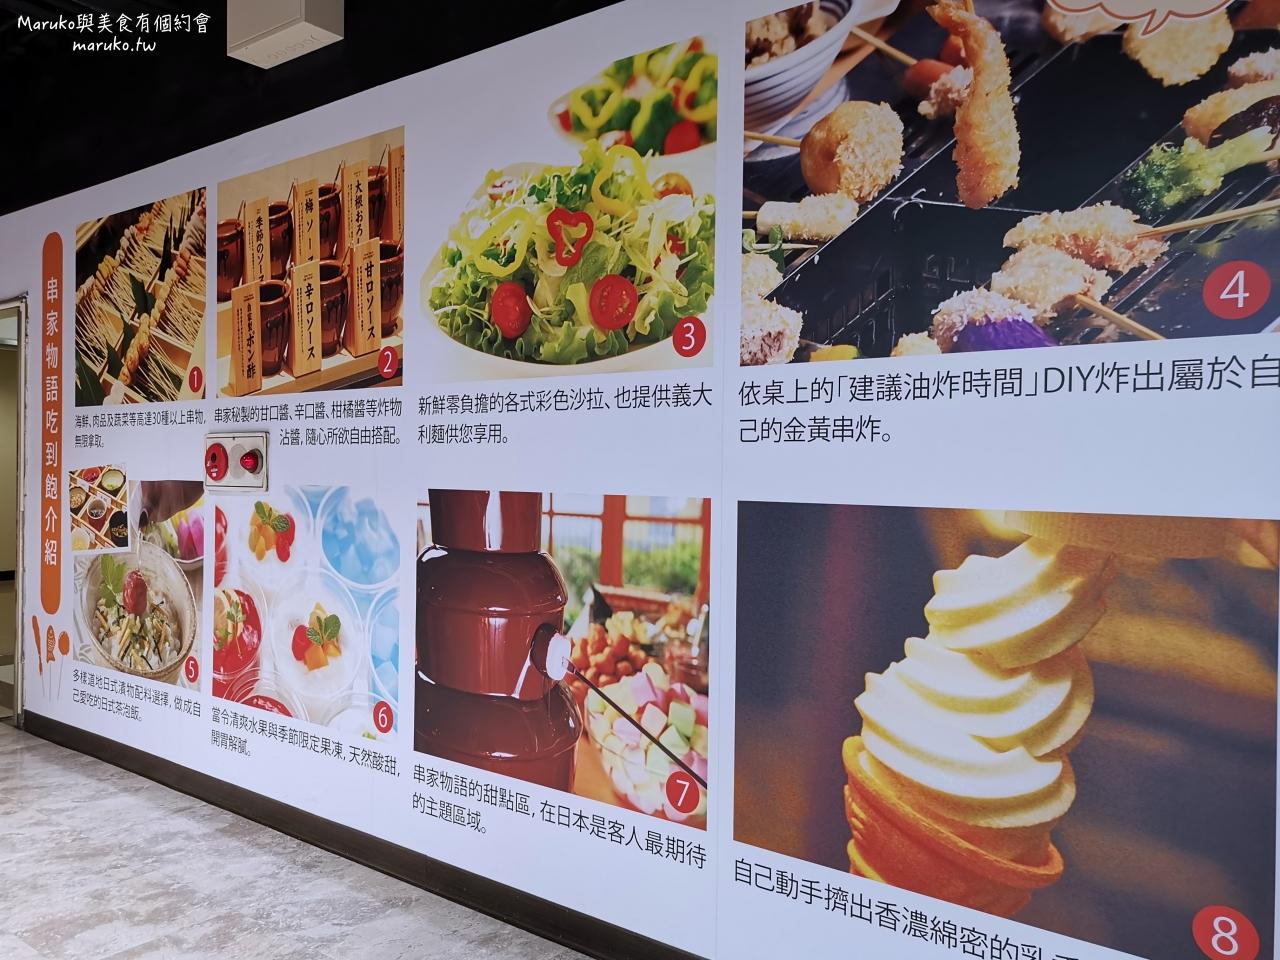 【台北】串家物語/來自日本串炸吃到飽DIY自己炸樂趣多/南港站吃到飽餐廳 @Maruko與美食有個約會